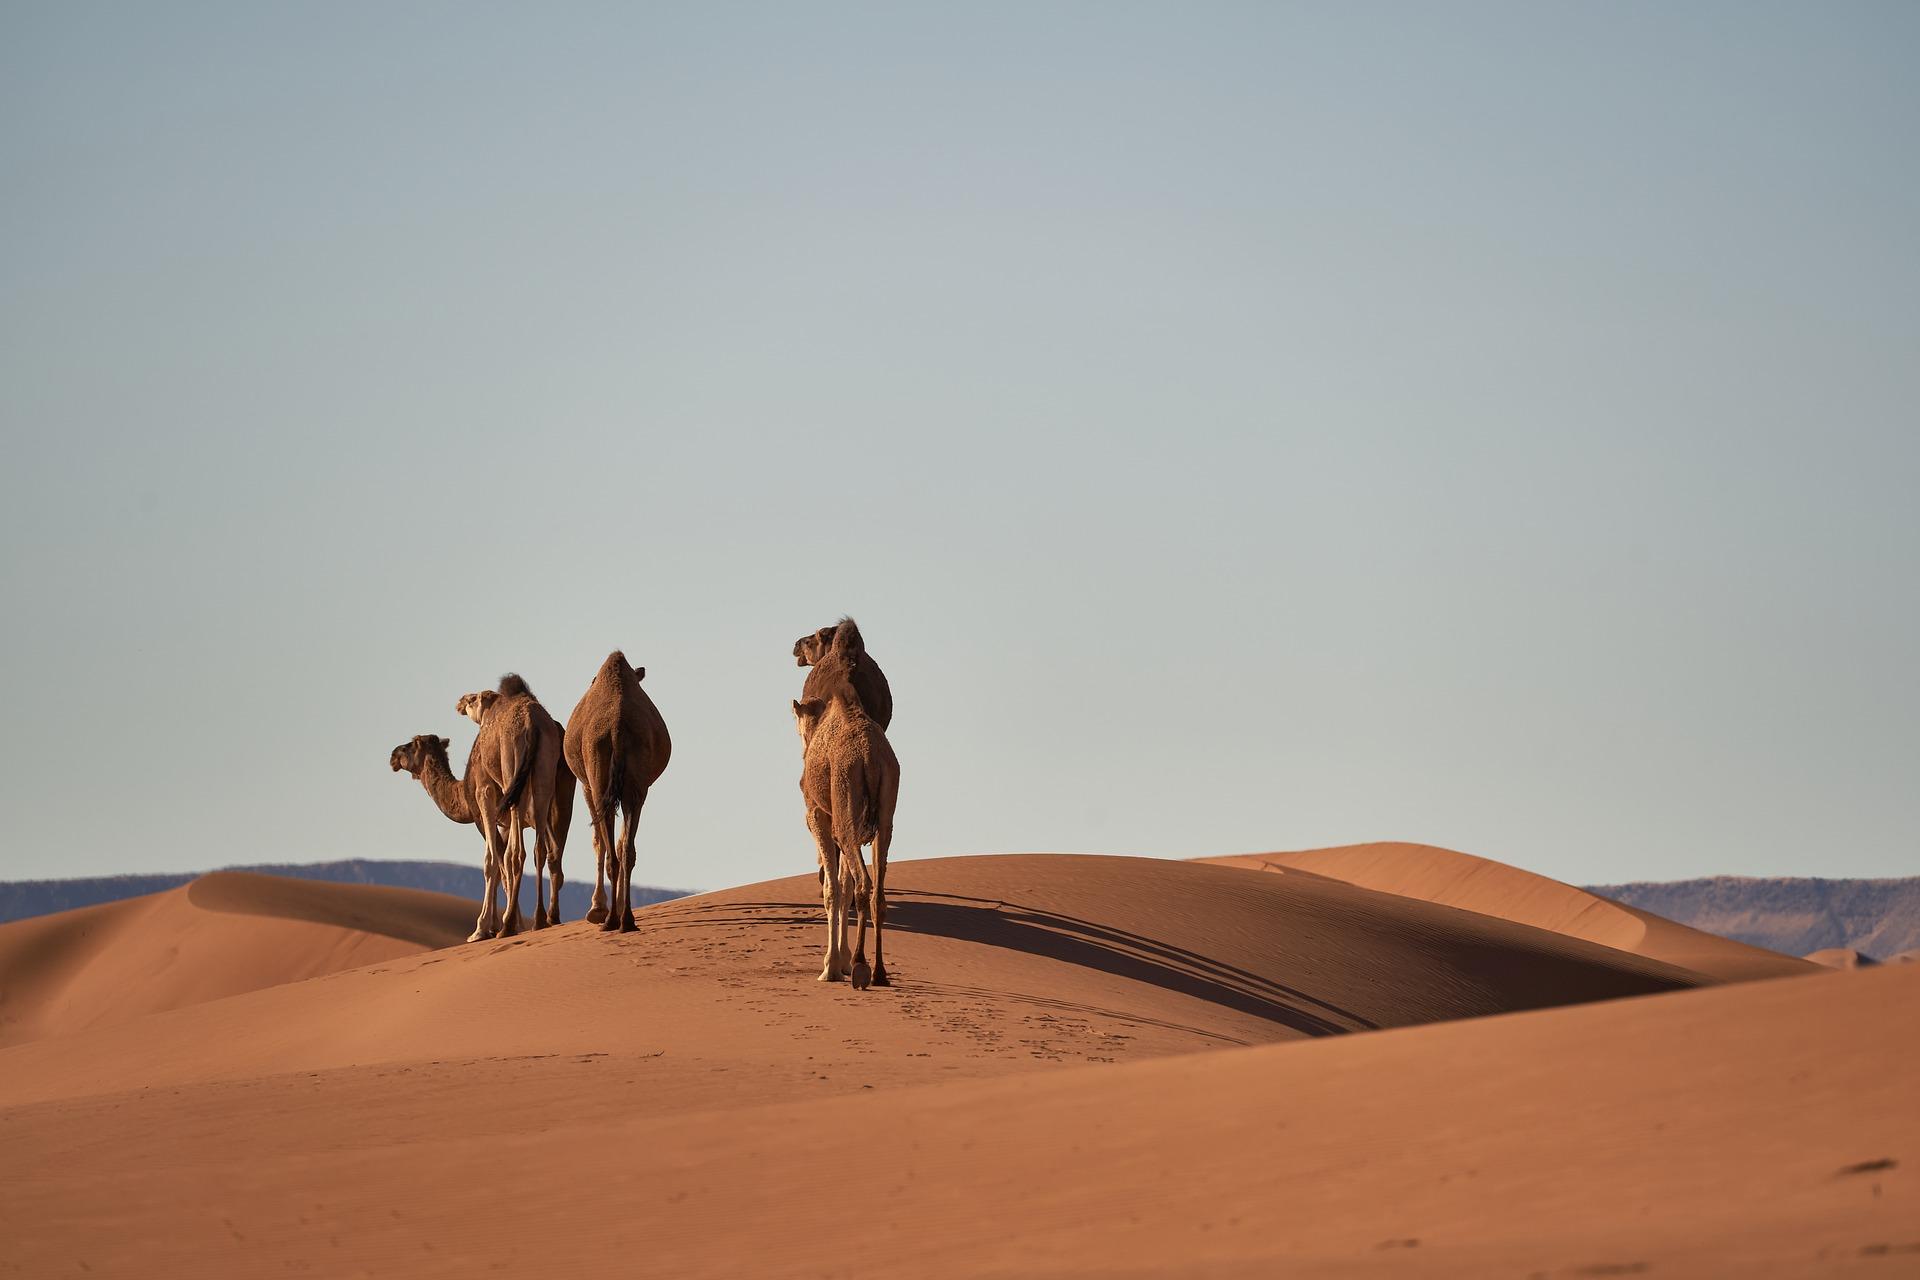 desert-4134934_1920.jpg